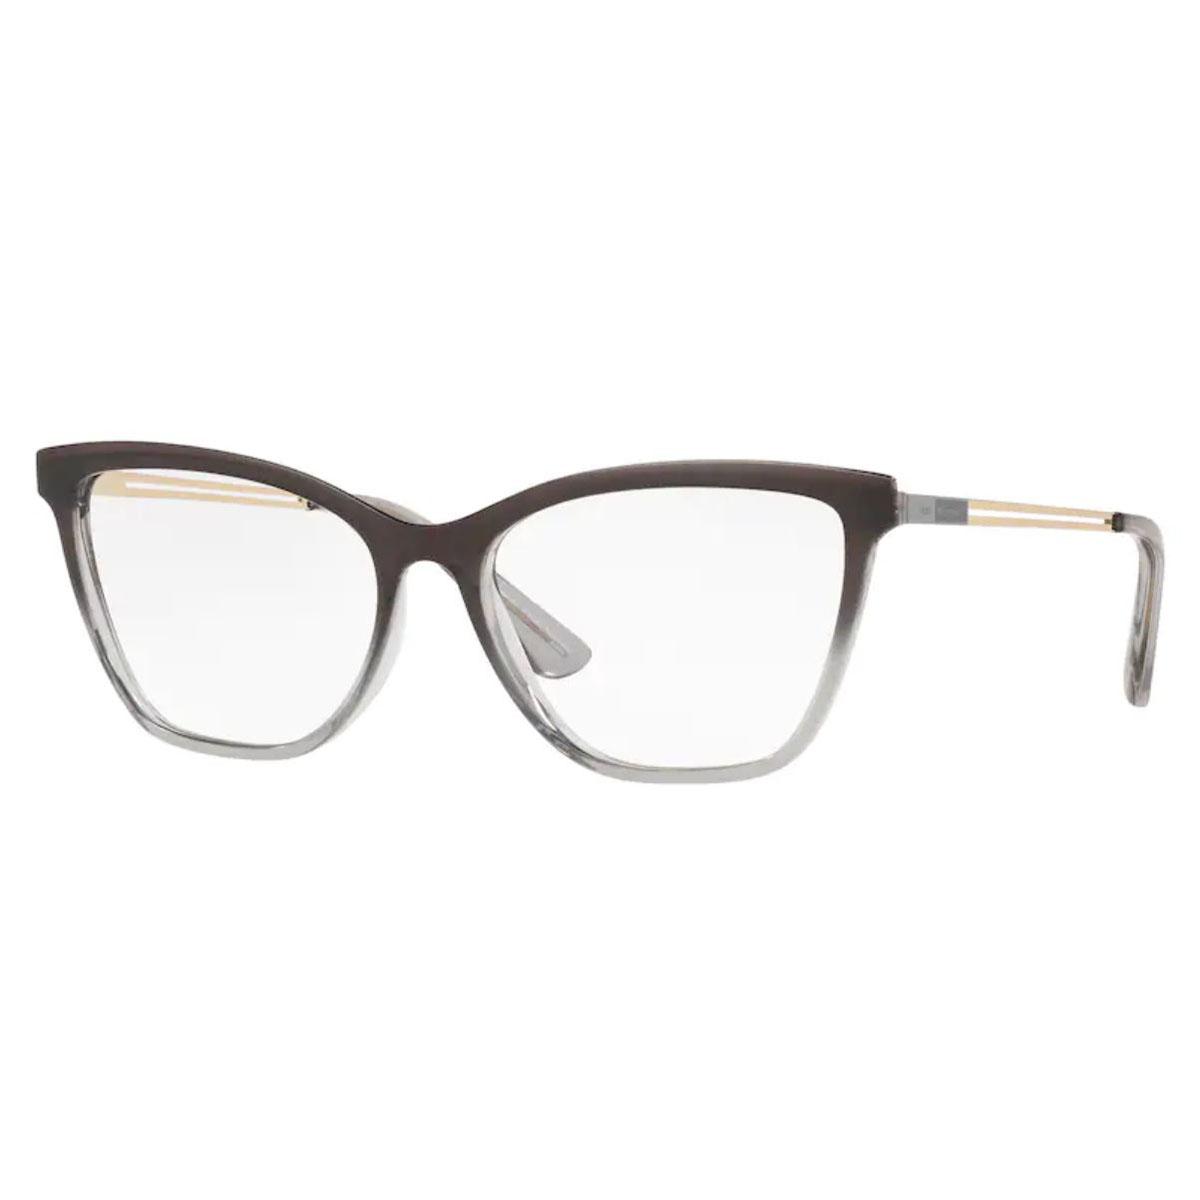 Óculos de Grau Feminino Jean Monnier J83210 Cinza Translúcido